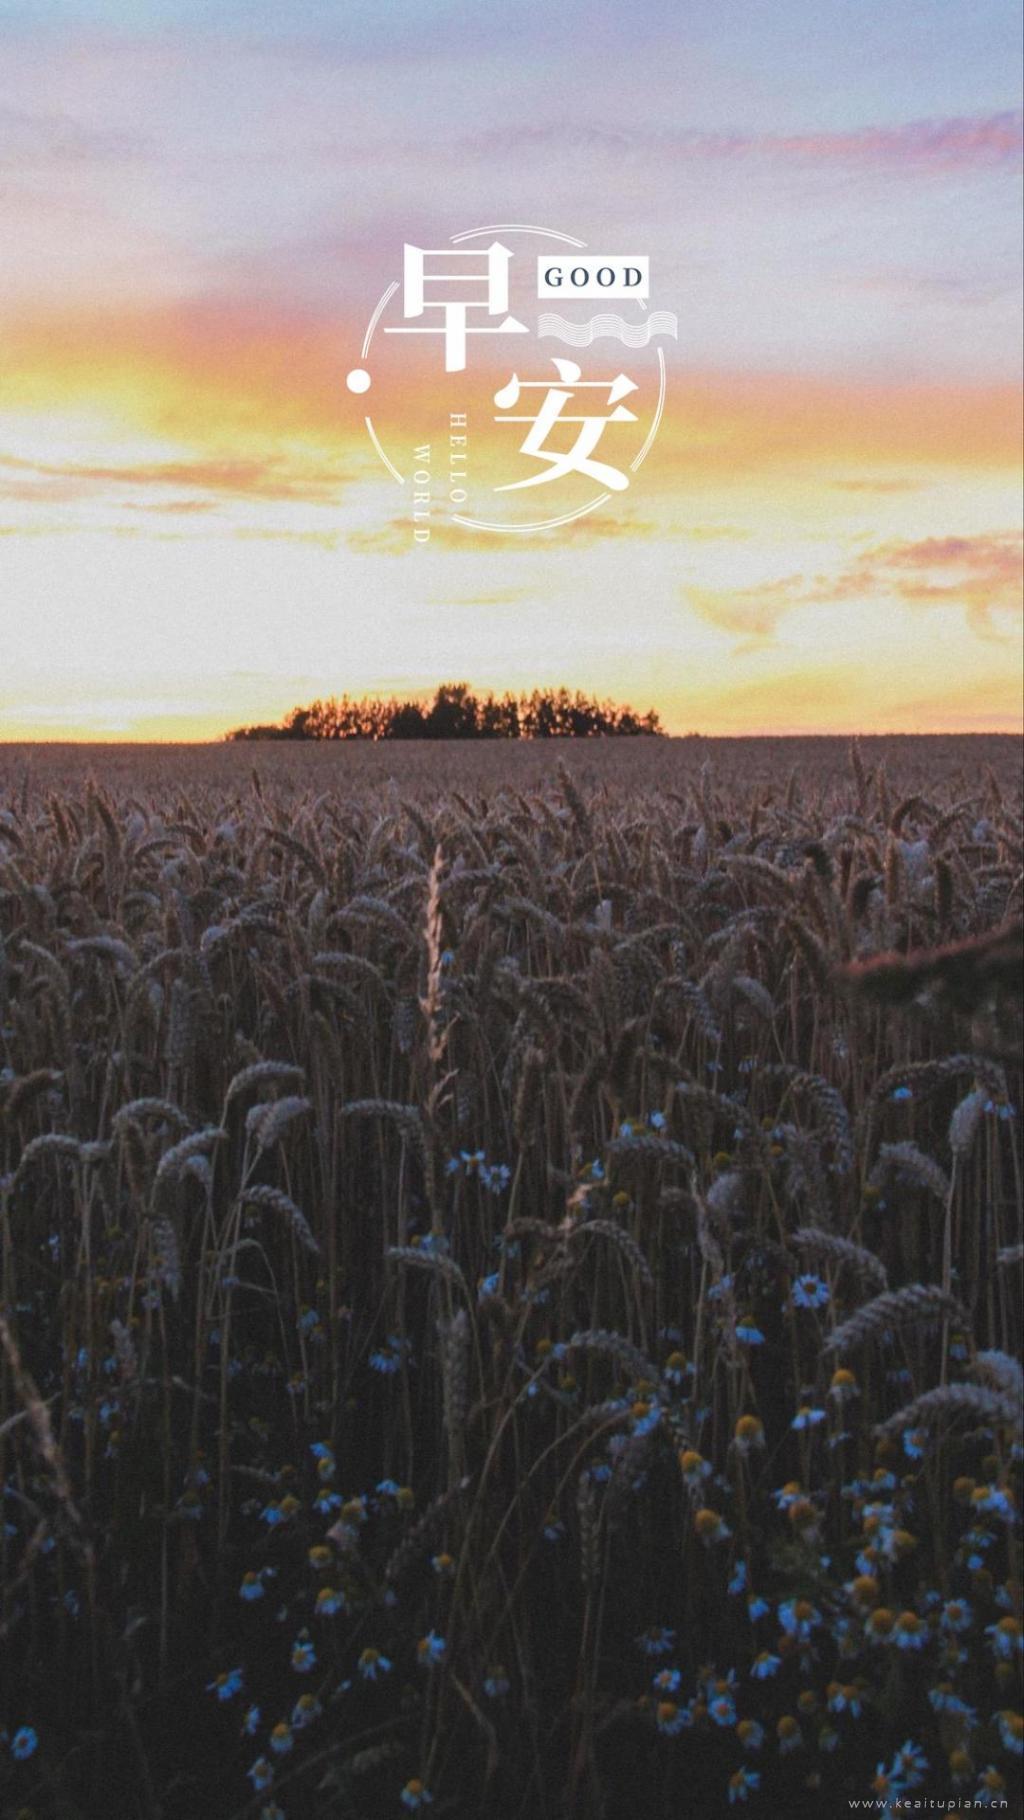 早安田园风景唯美手机壁纸图片